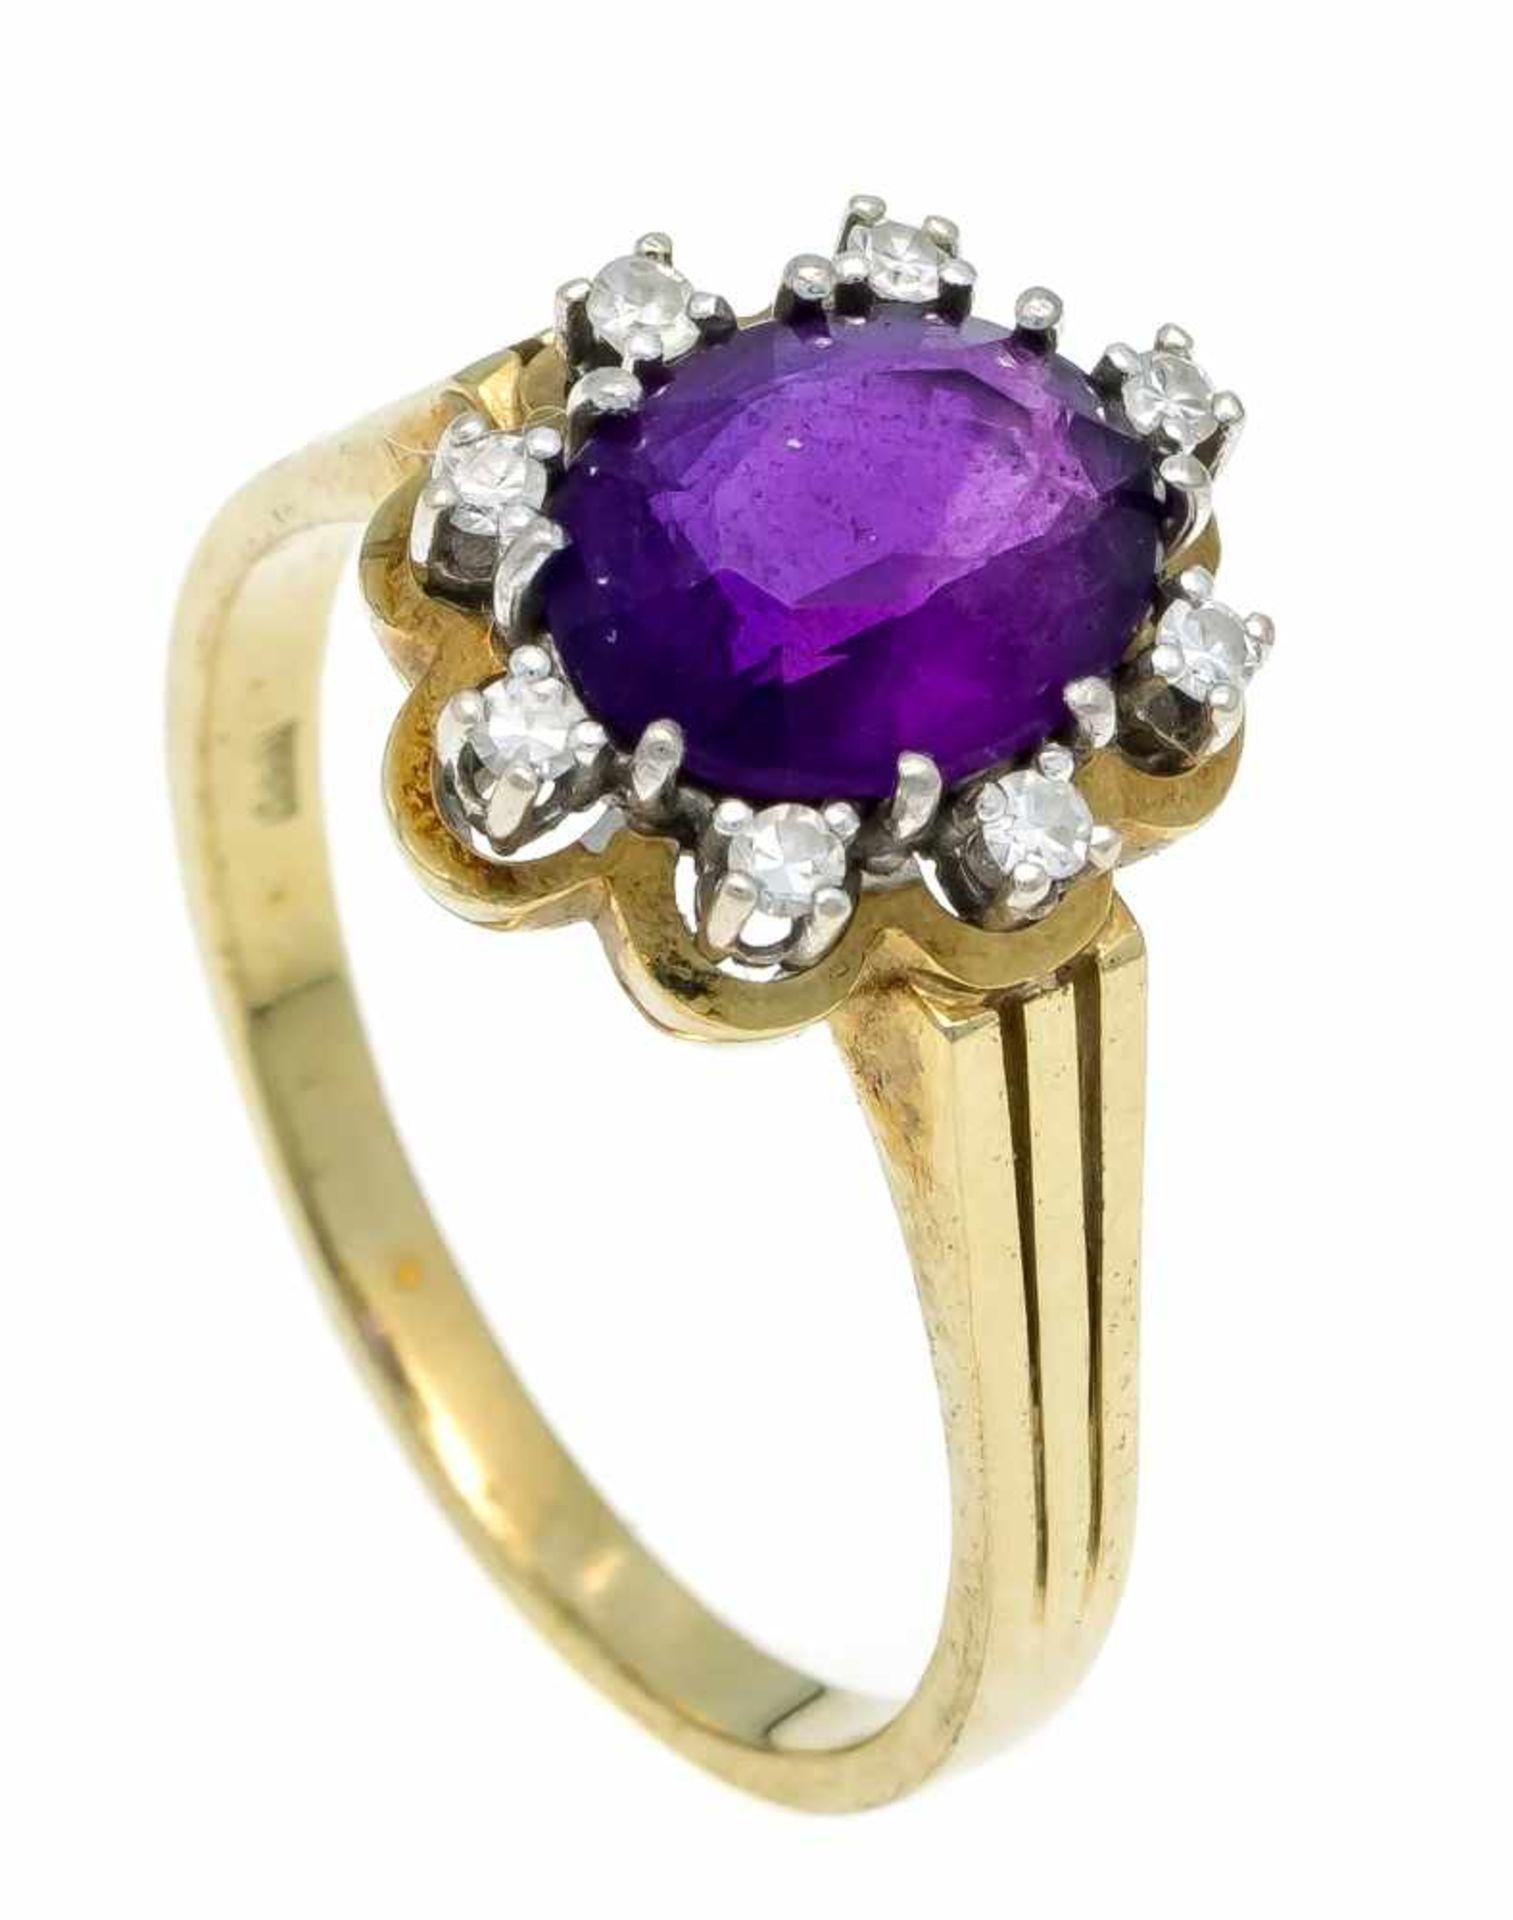 Amethyst-Diamant-Ring GG/WG 585/000 mit einem oval fac. Amethyst 9,5 x 8 mm und 8 Diamanten, zus.